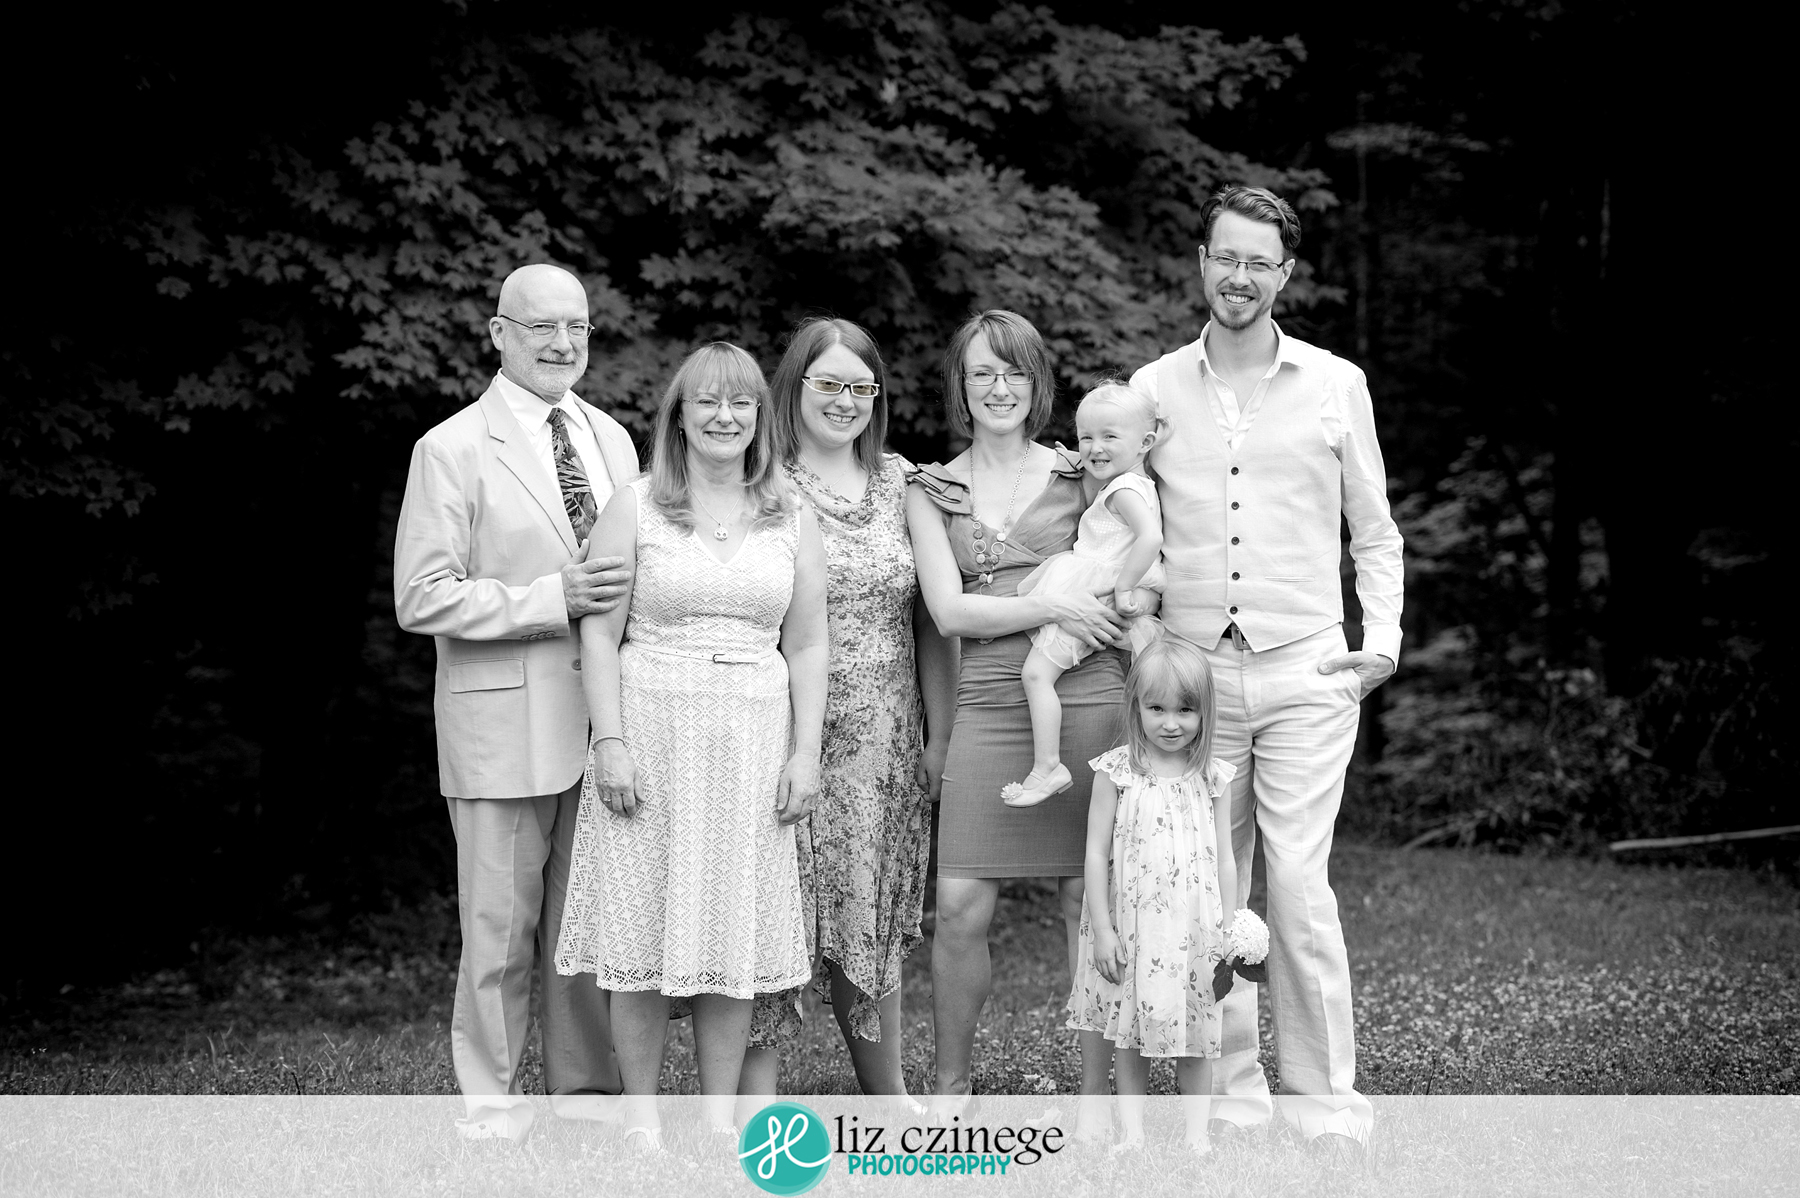 liz_czinege_niagara_grimsby_family_photographer01